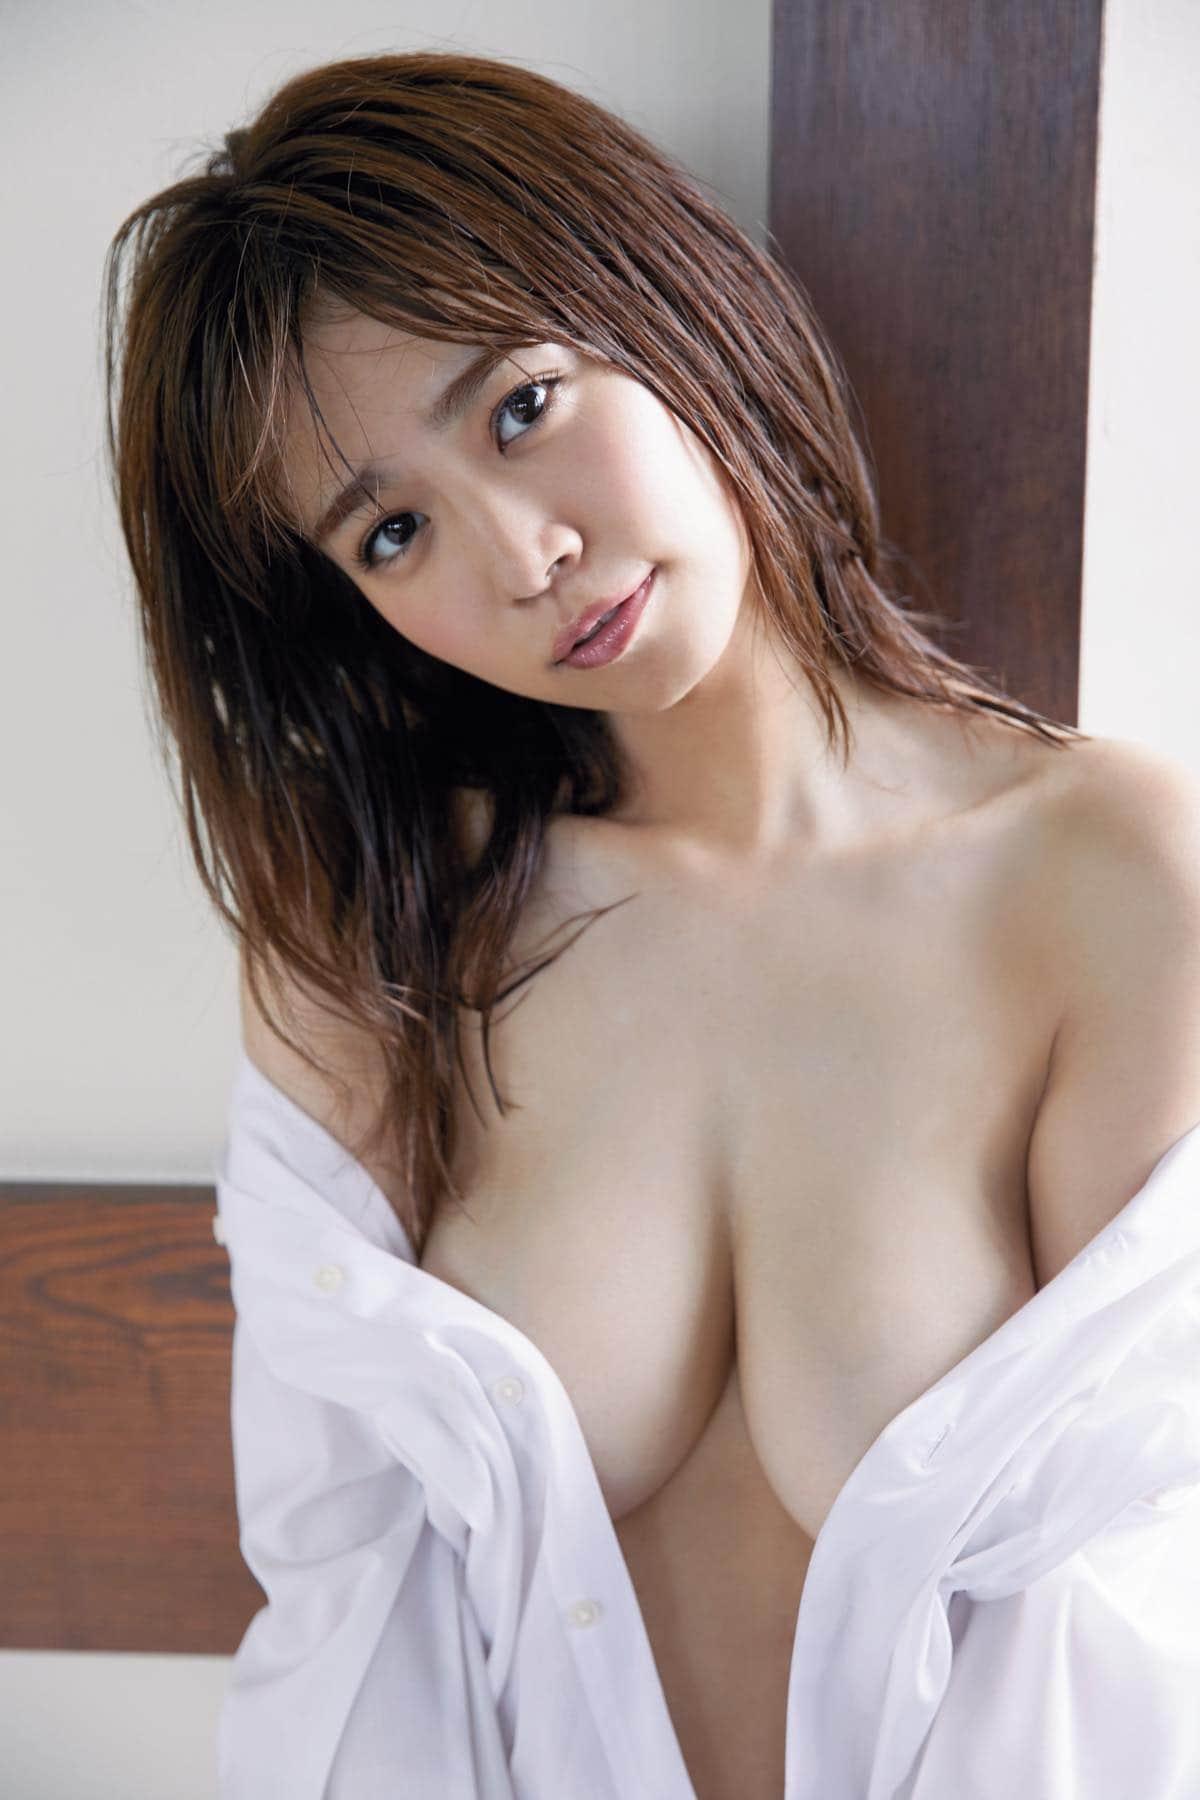 菜乃花「最後のイメージDVD」男を虜にする美体を目に焼きつけろ!【写真11枚】の画像001